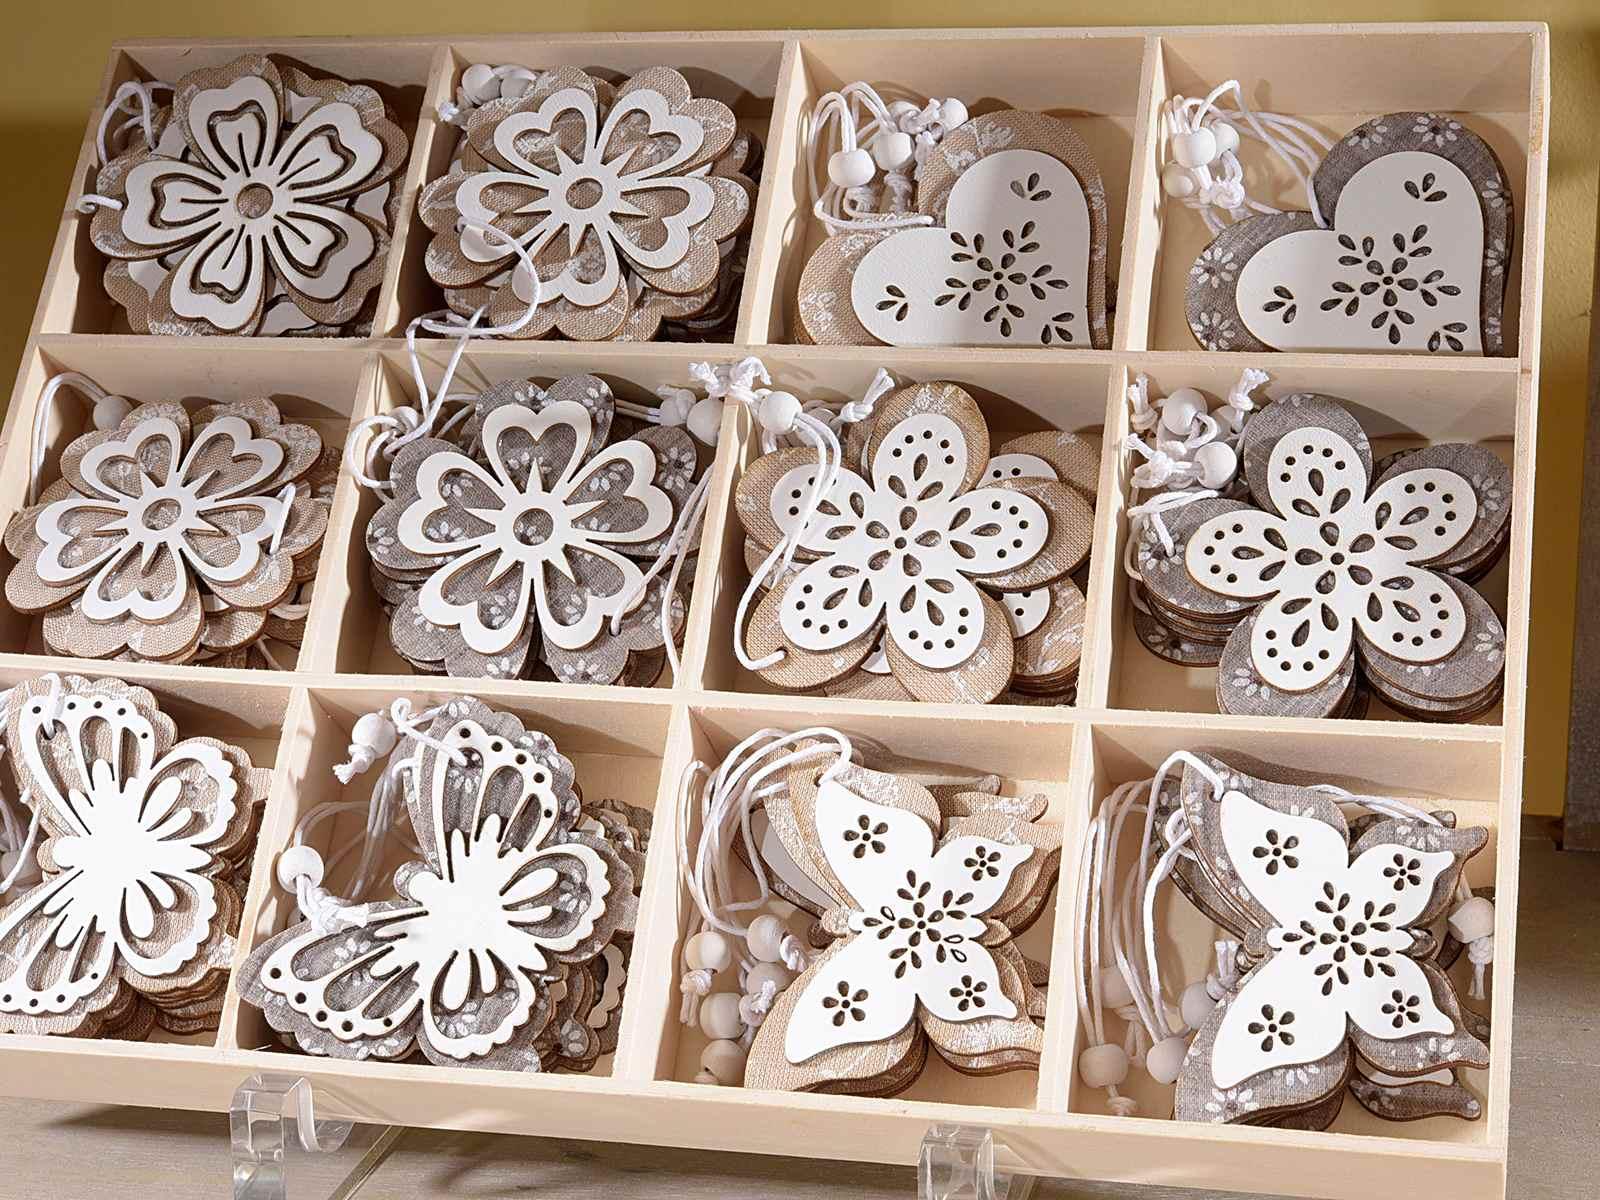 Espo 72 decorazioni in legno e stoffa da appendere - Decorazioni legno ...